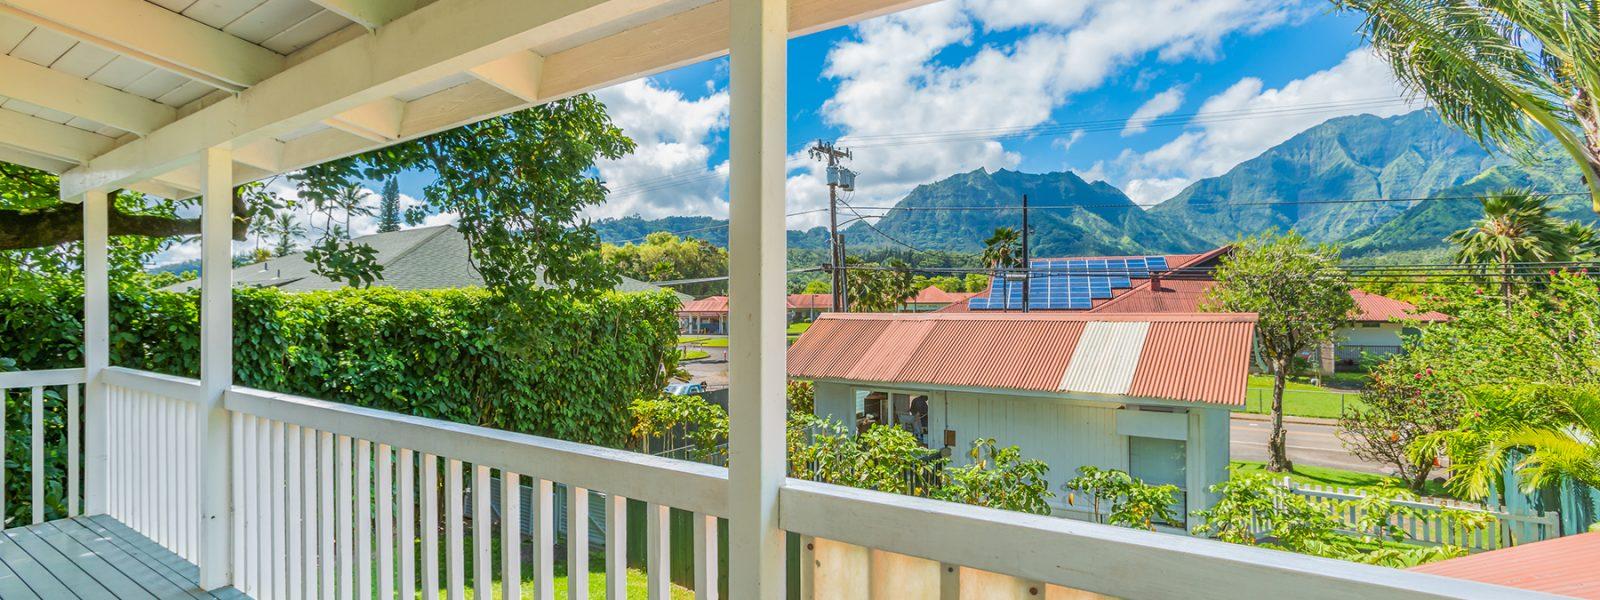 Hanalei Waterfalls – 5-5428 Kuhio Hwy, Hanalei, Kauai, HI 96714